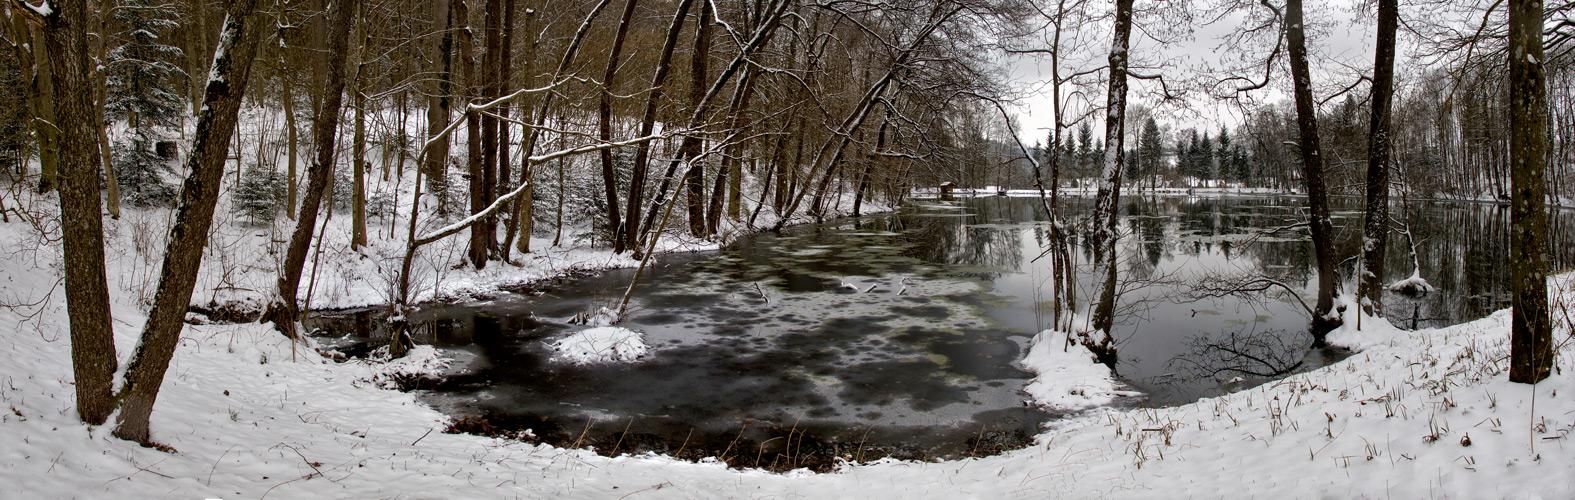 Greither teich im zur ckgekehrten winter foto bild for Teich winter